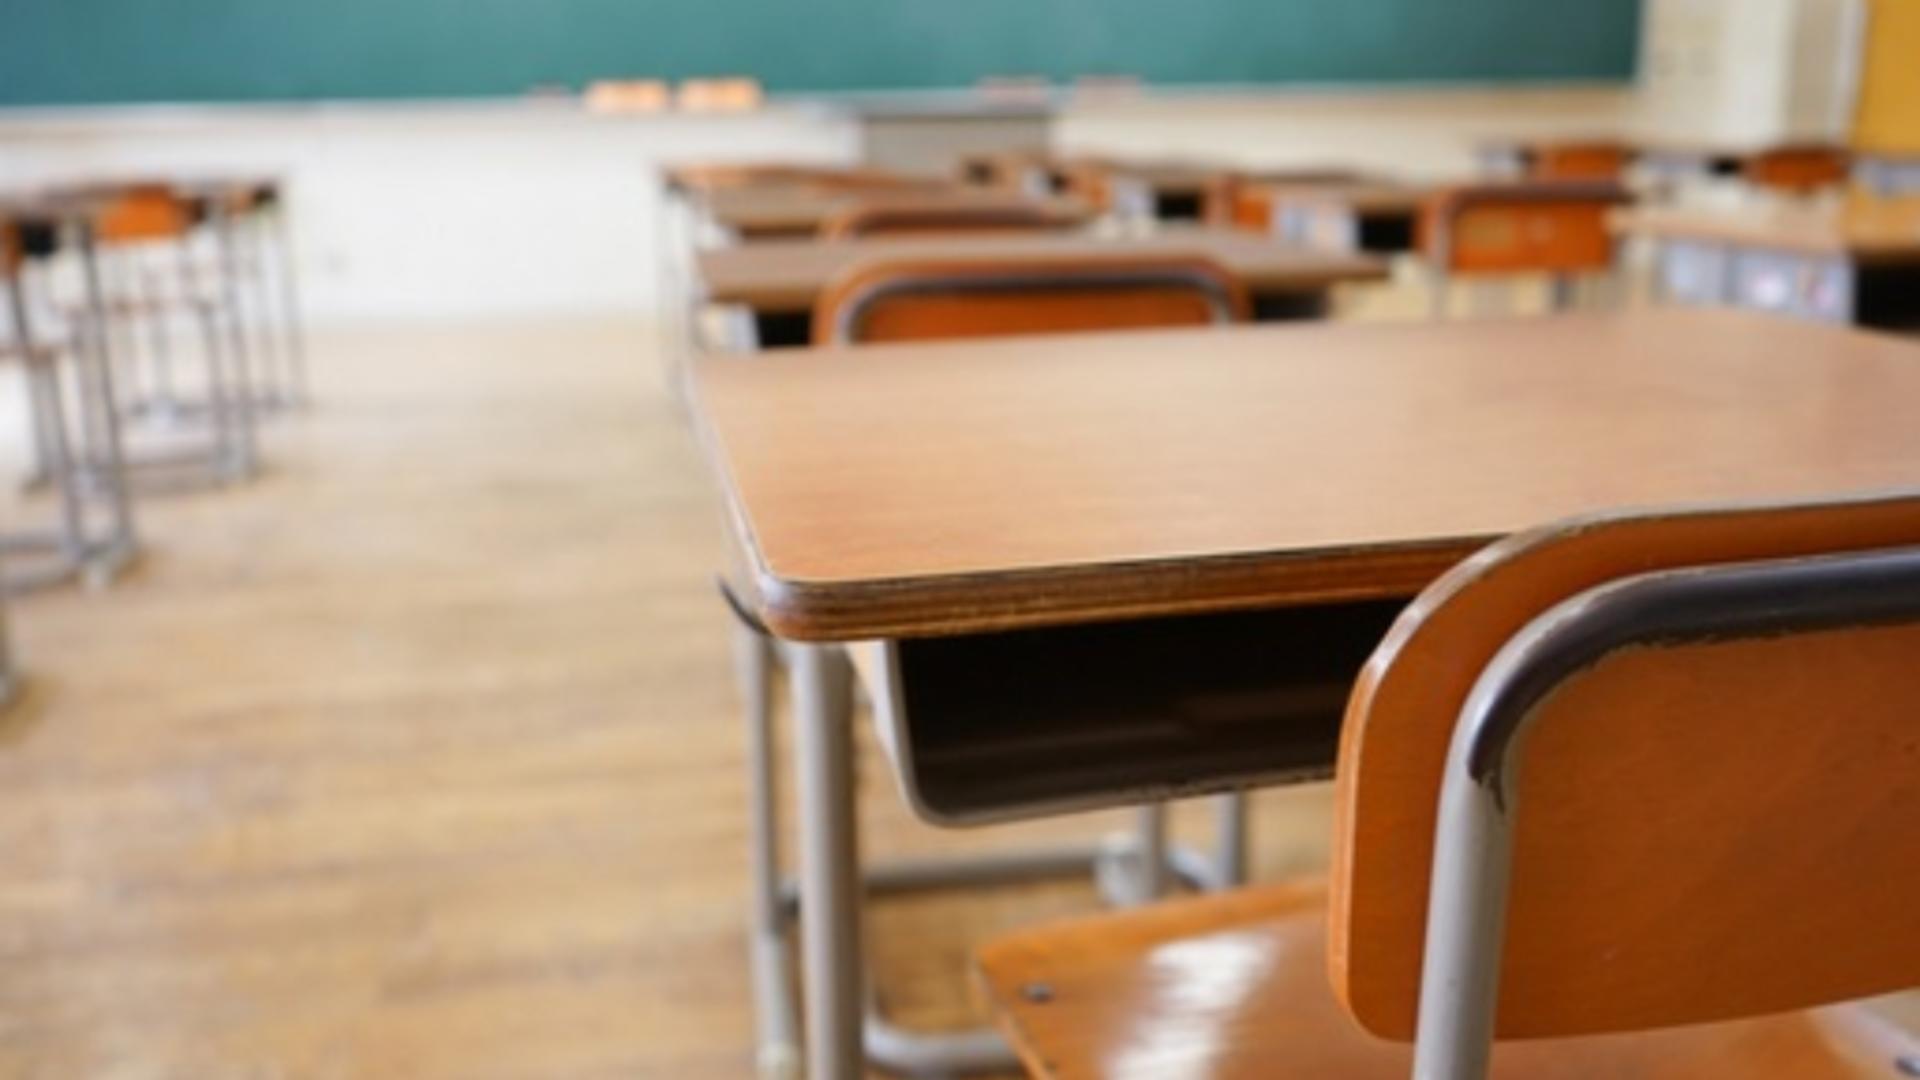 Pedeapsa pentru violență asupra profesorilor s-ar putea majora cu o treime